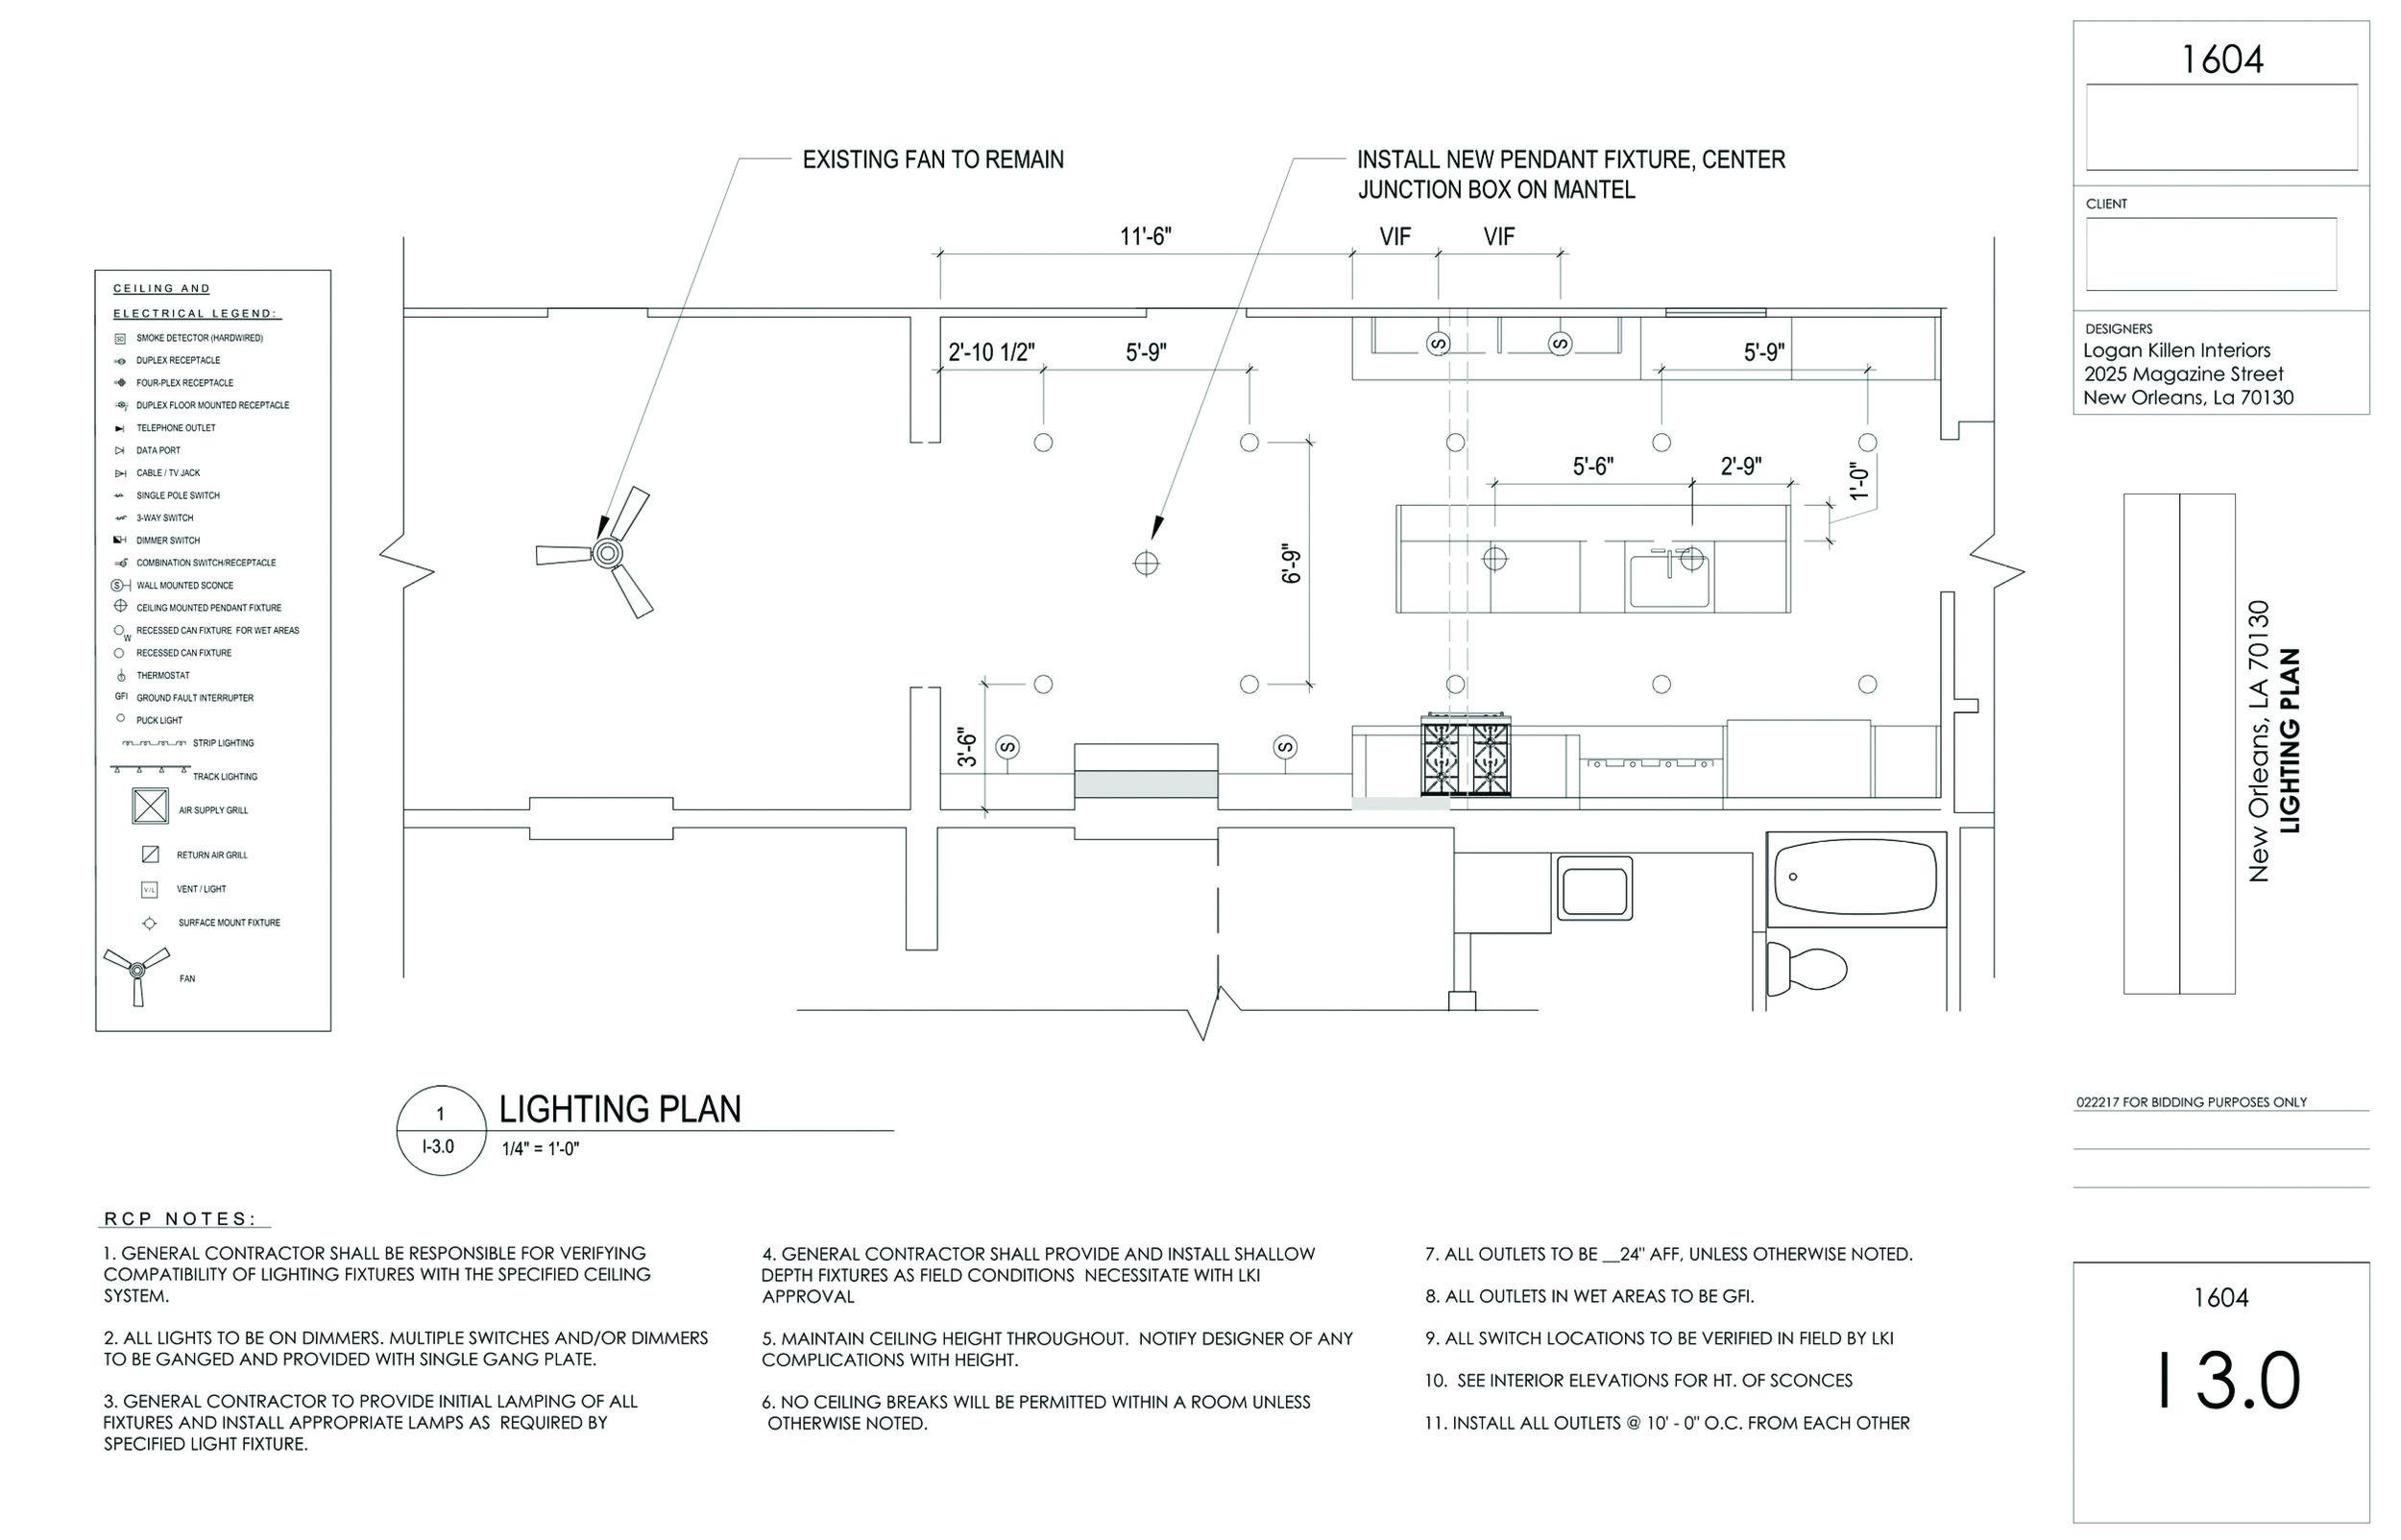 LKI DESIGN SERVICES DELIVERABLES EXAMPLES 11.jpg